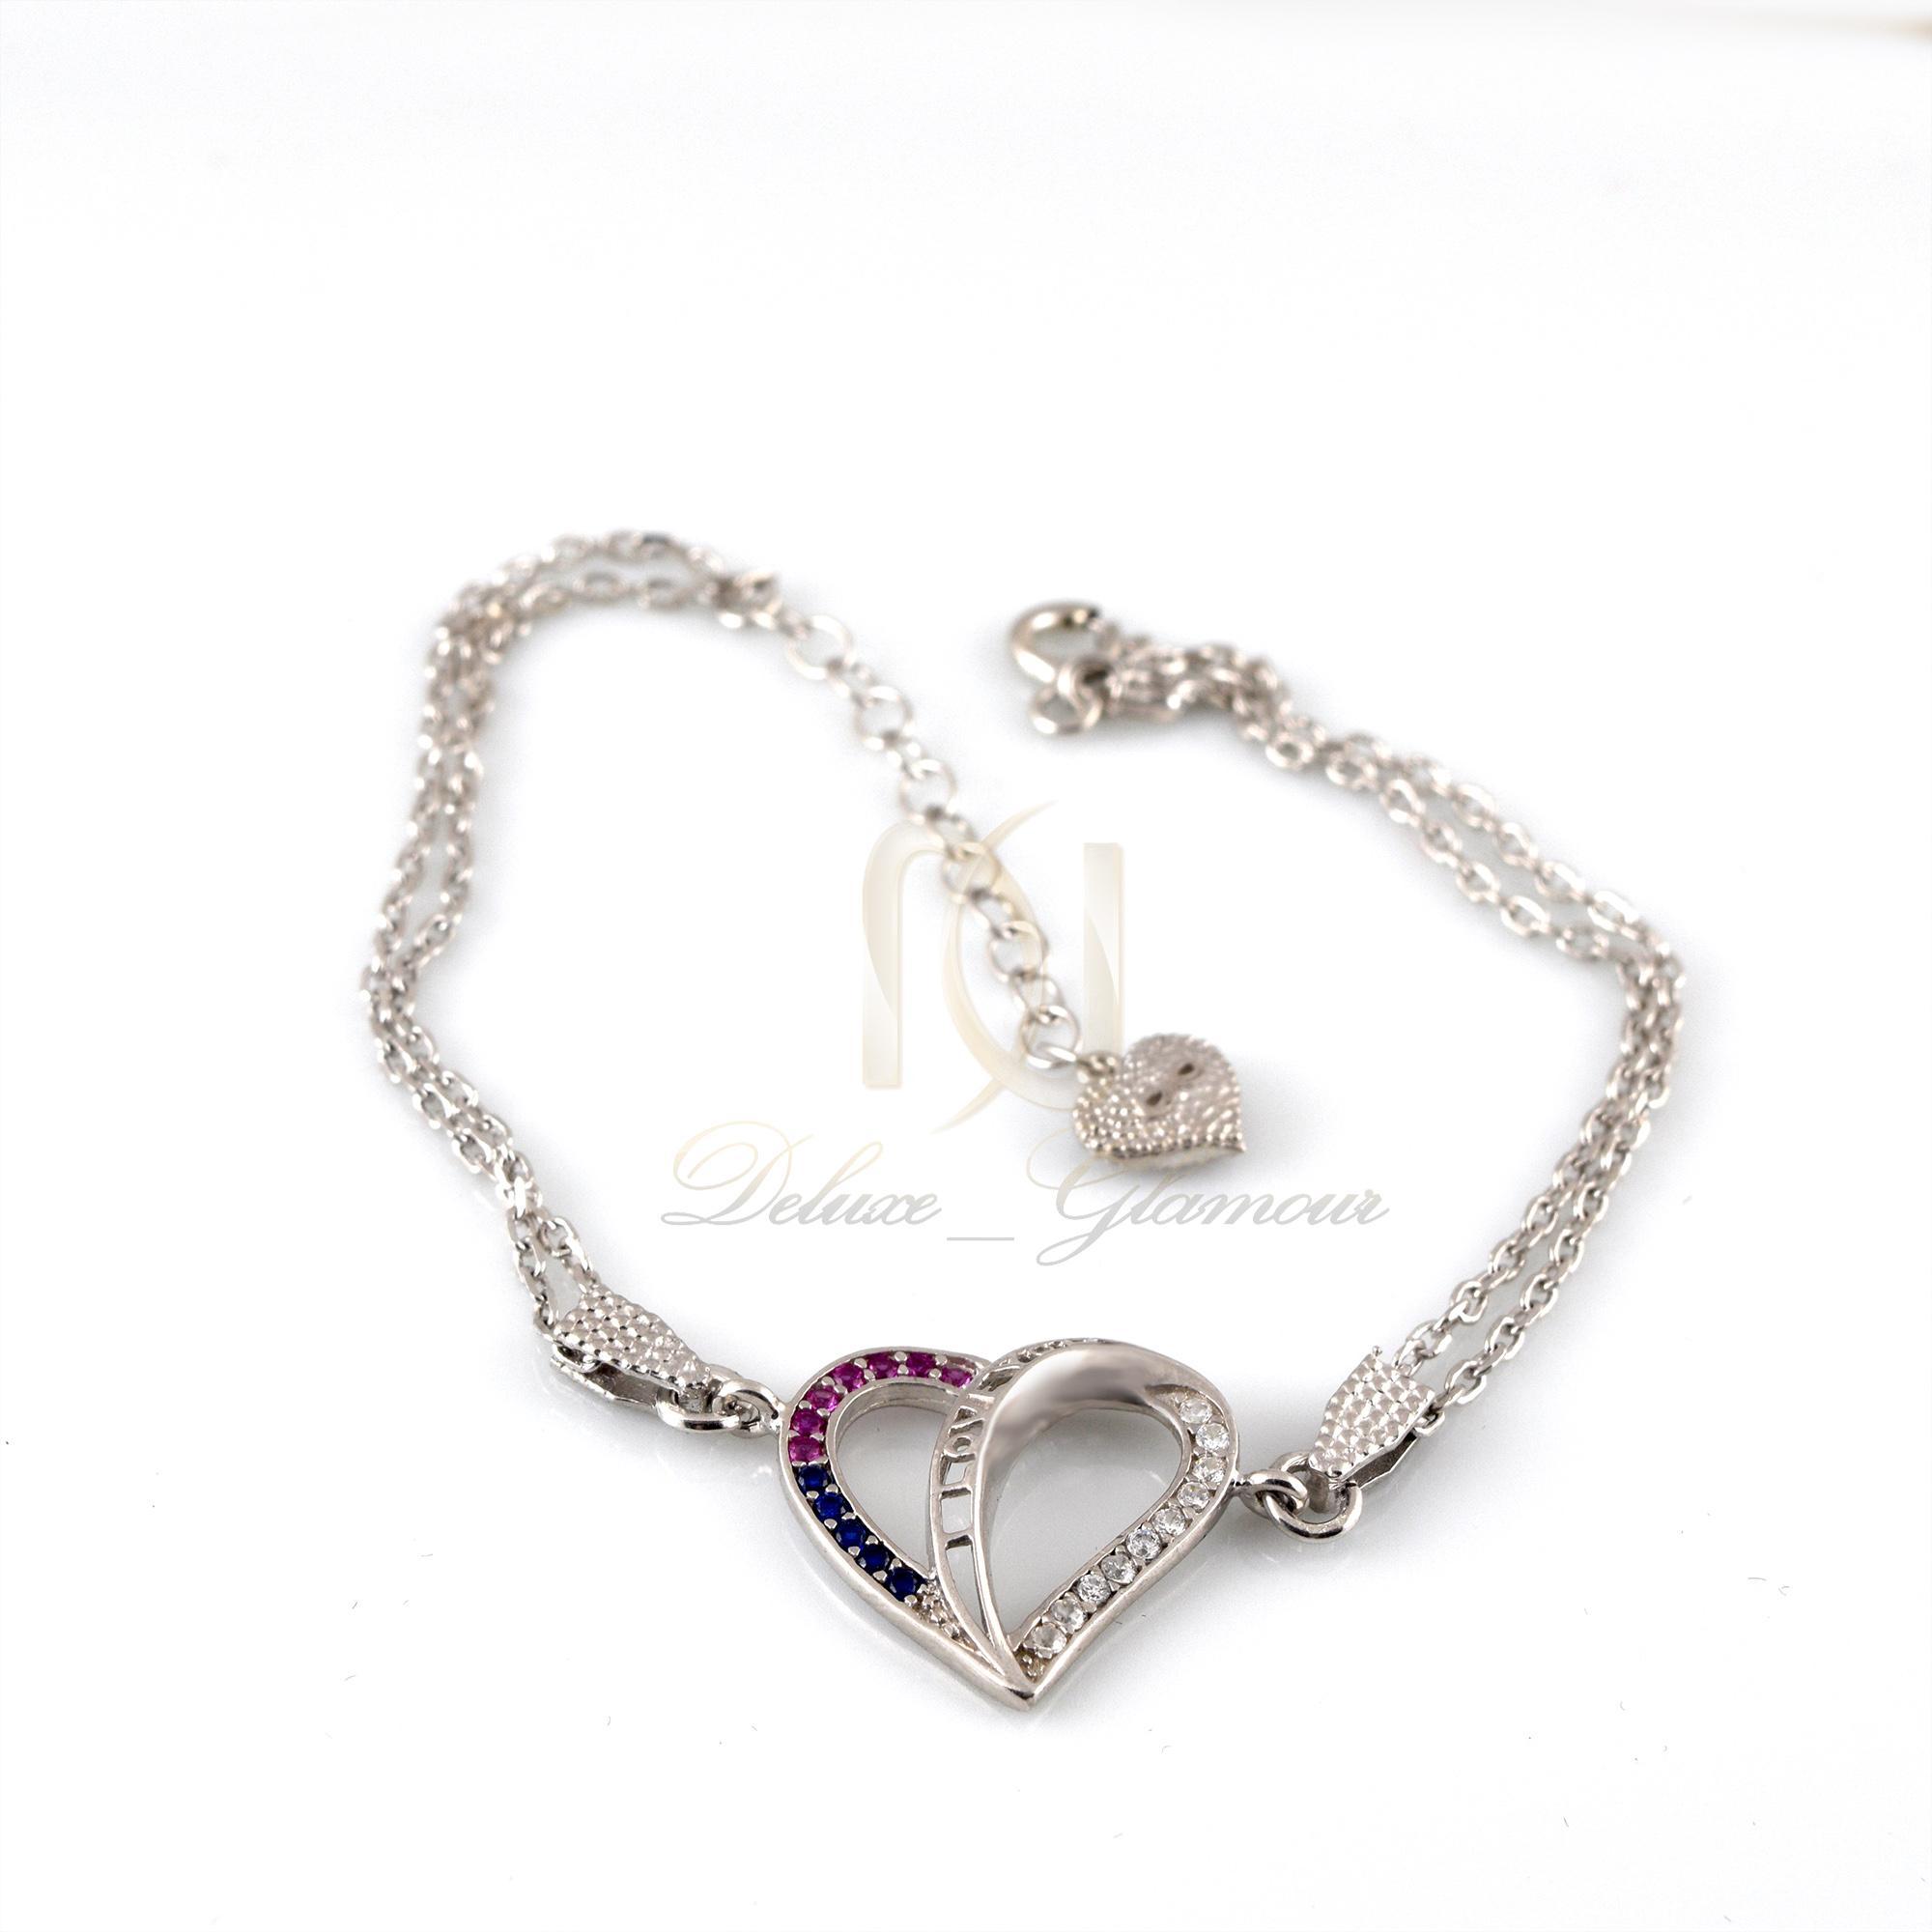 دستبند نقره دخترانه طرح لاو ds-n310 از نماي سفيد